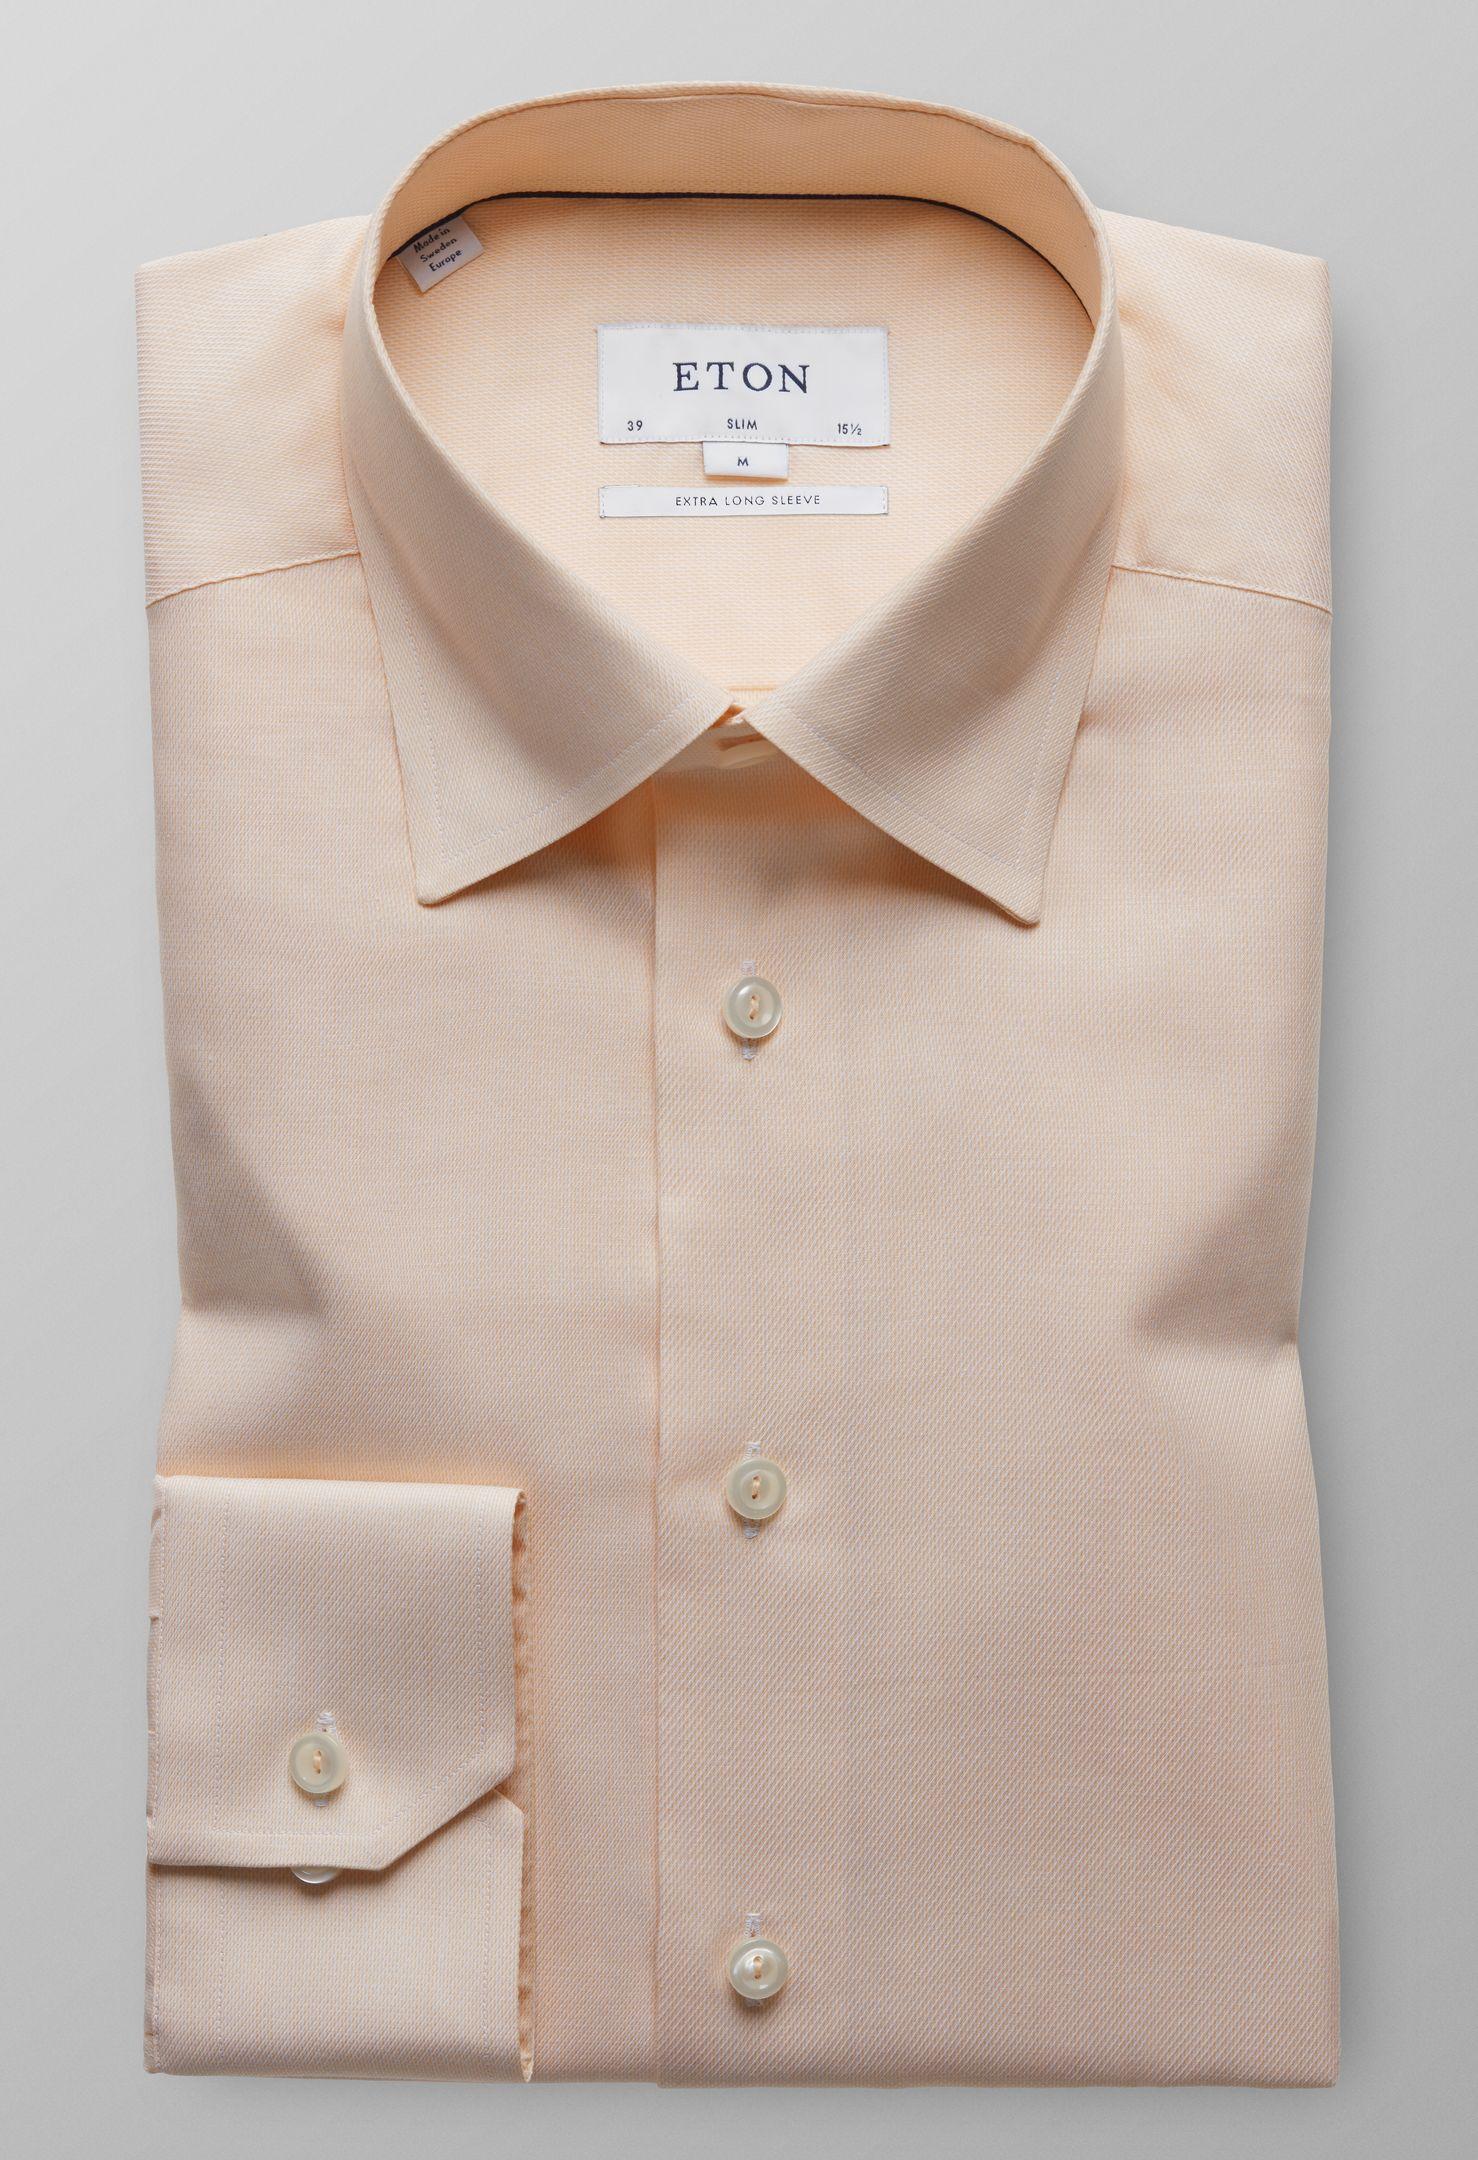 Overhemd Extra Mouwlengte.Mouwlengte 7 Overhemden Jan Rozing Mannenmode